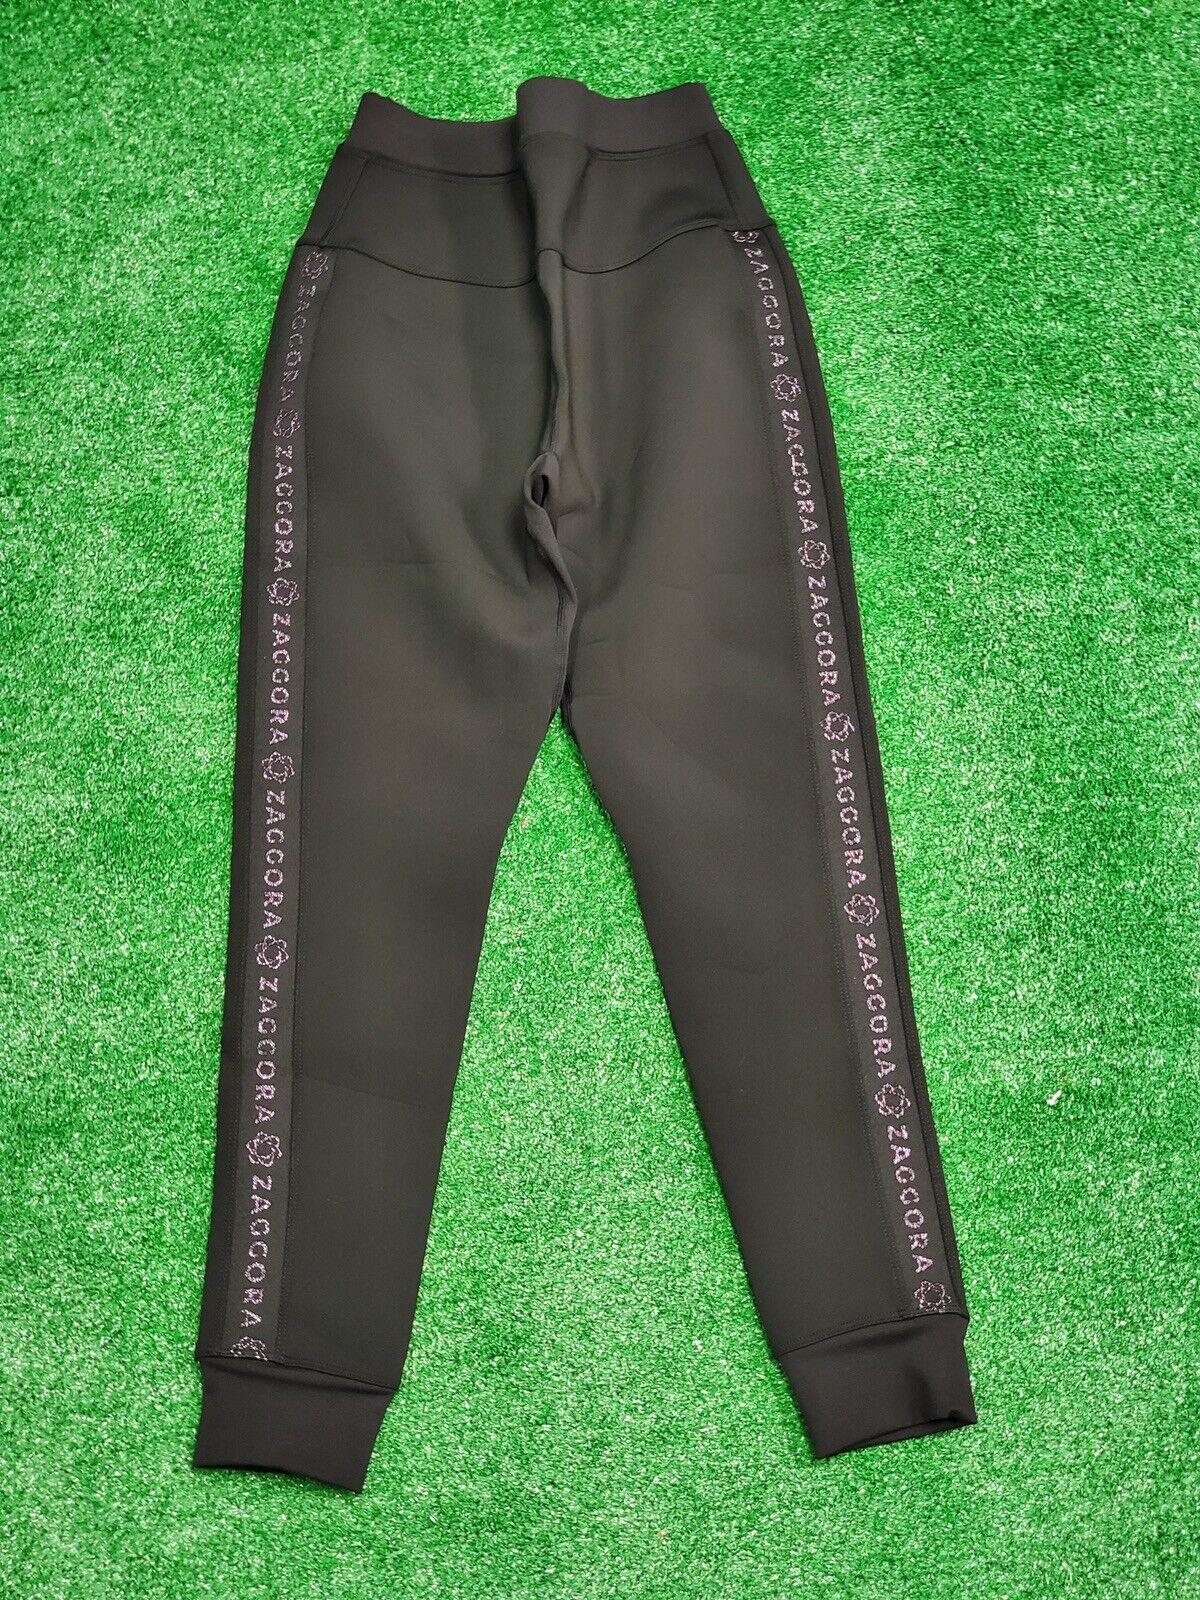 Zaggora High Waisted Neoprene Hot Pants LEGGINGS USA 4 UK 8